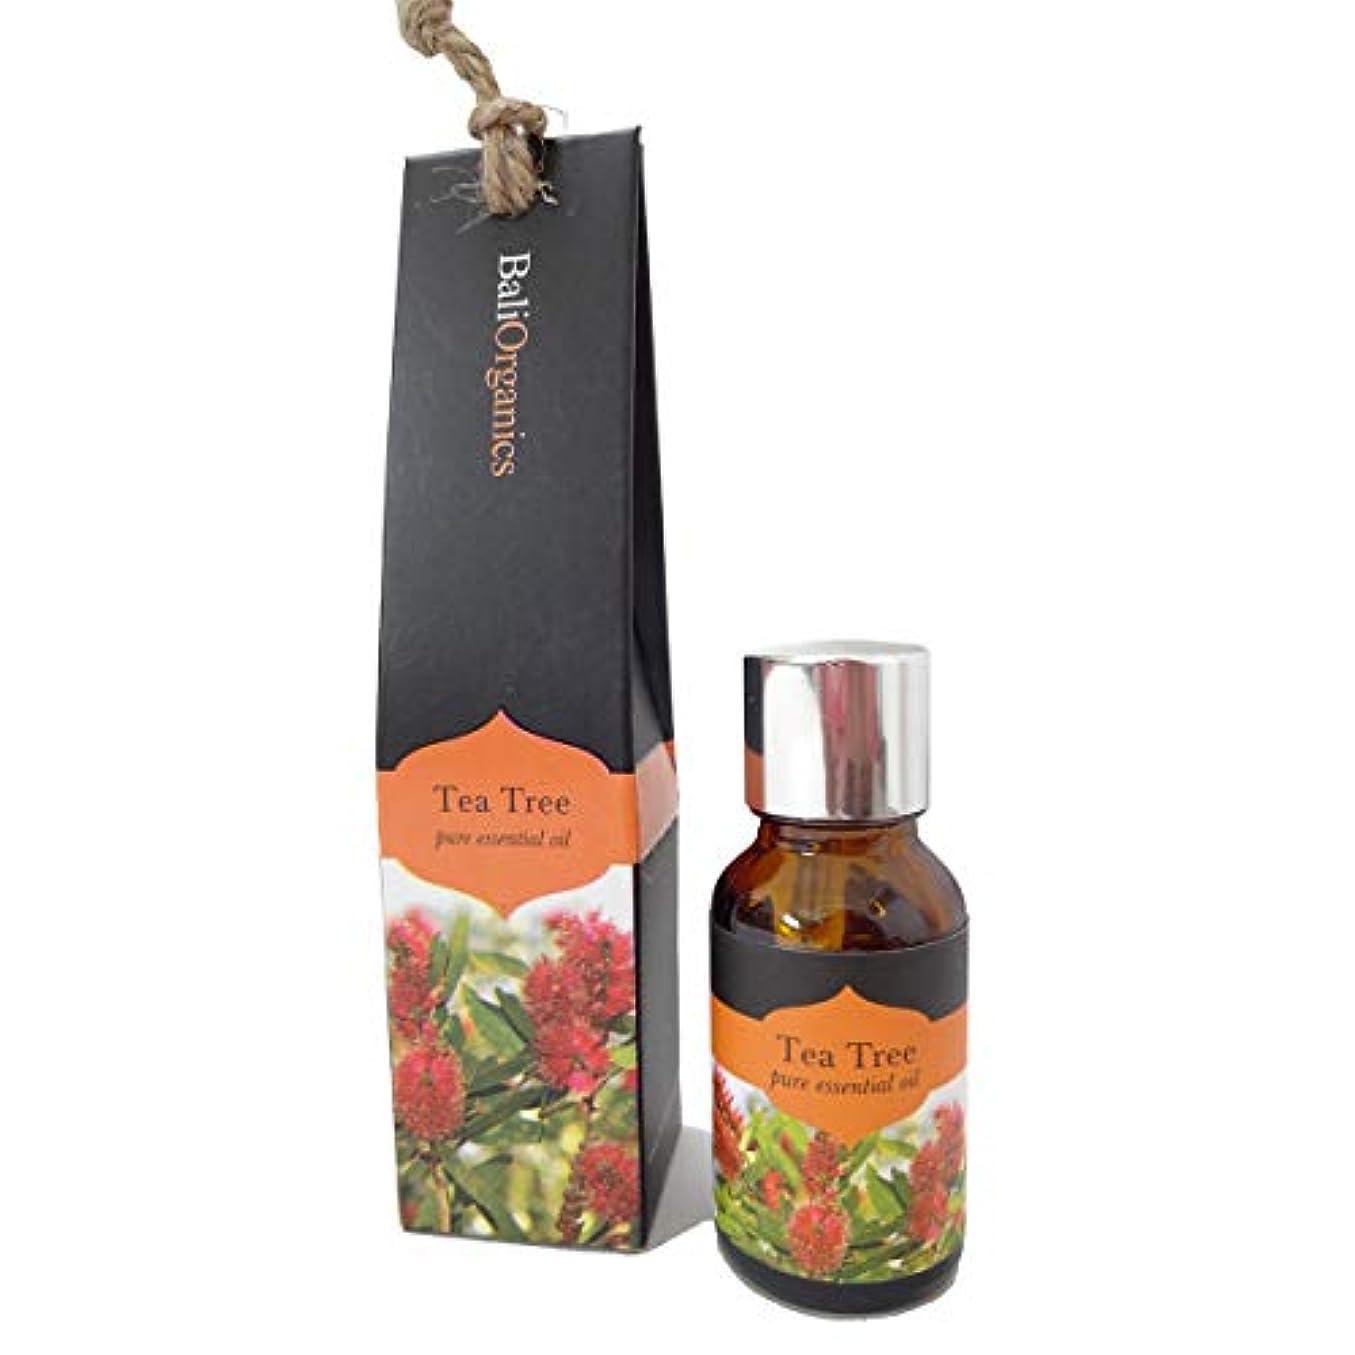 不規則性お香許可Bali Organics バリオーガニック アロマ エッセンシャルオイル Tea Tree ティーツリー 15ml